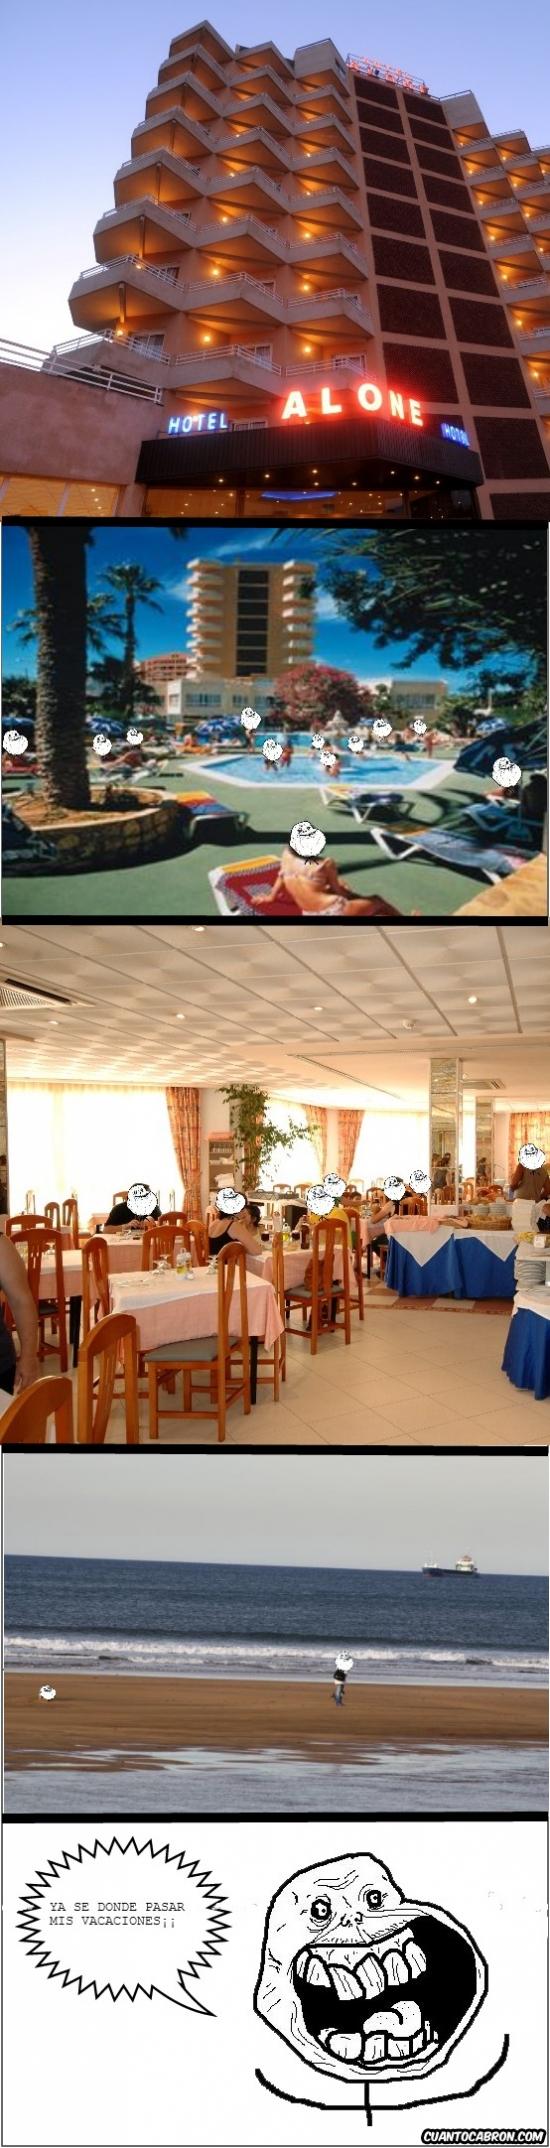 Forever_alone - El hotel perfecto para un Alone